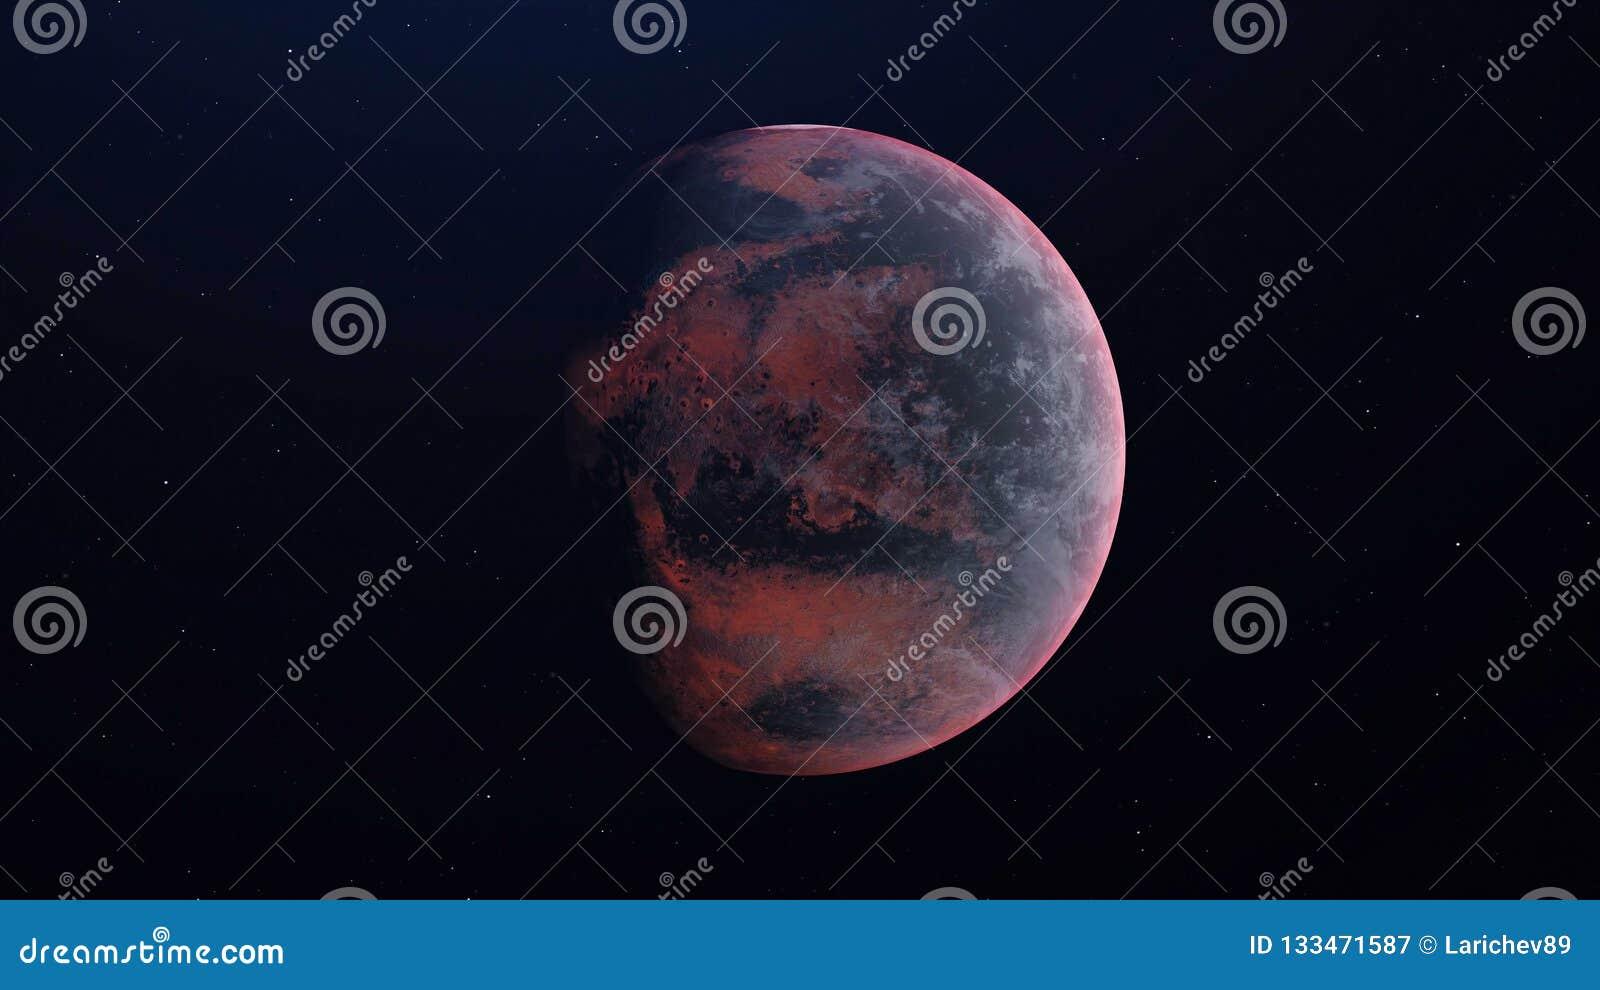 Vreemde Planeet in de kosmische ruimte - Teruggegeven 3D